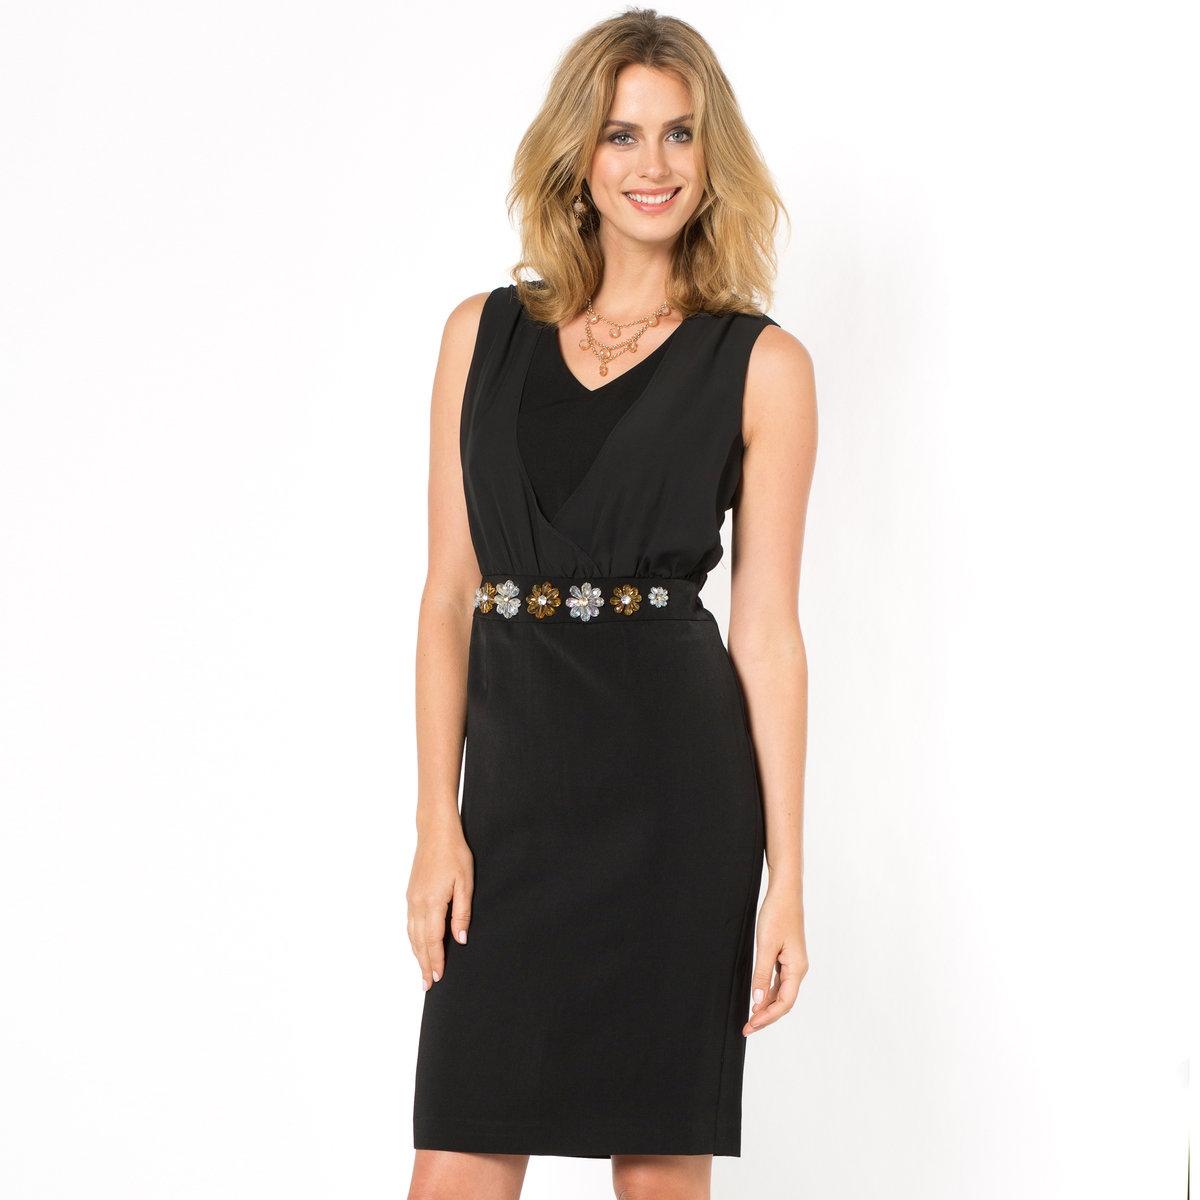 Платье из крепаПлатье без рукавов. Элегантное и изысканное платье с драпировкой из креп-жоржета спереди. Украшенный бусинами пояс. Отрезные детали спереди и сзади. Маленькая шлица сзади. Подкладка из полиэстера. Длина. 95 см. Креп, 100% полиэстера.<br><br>Цвет: черный<br>Размер: 42 (FR) - 48 (RUS)